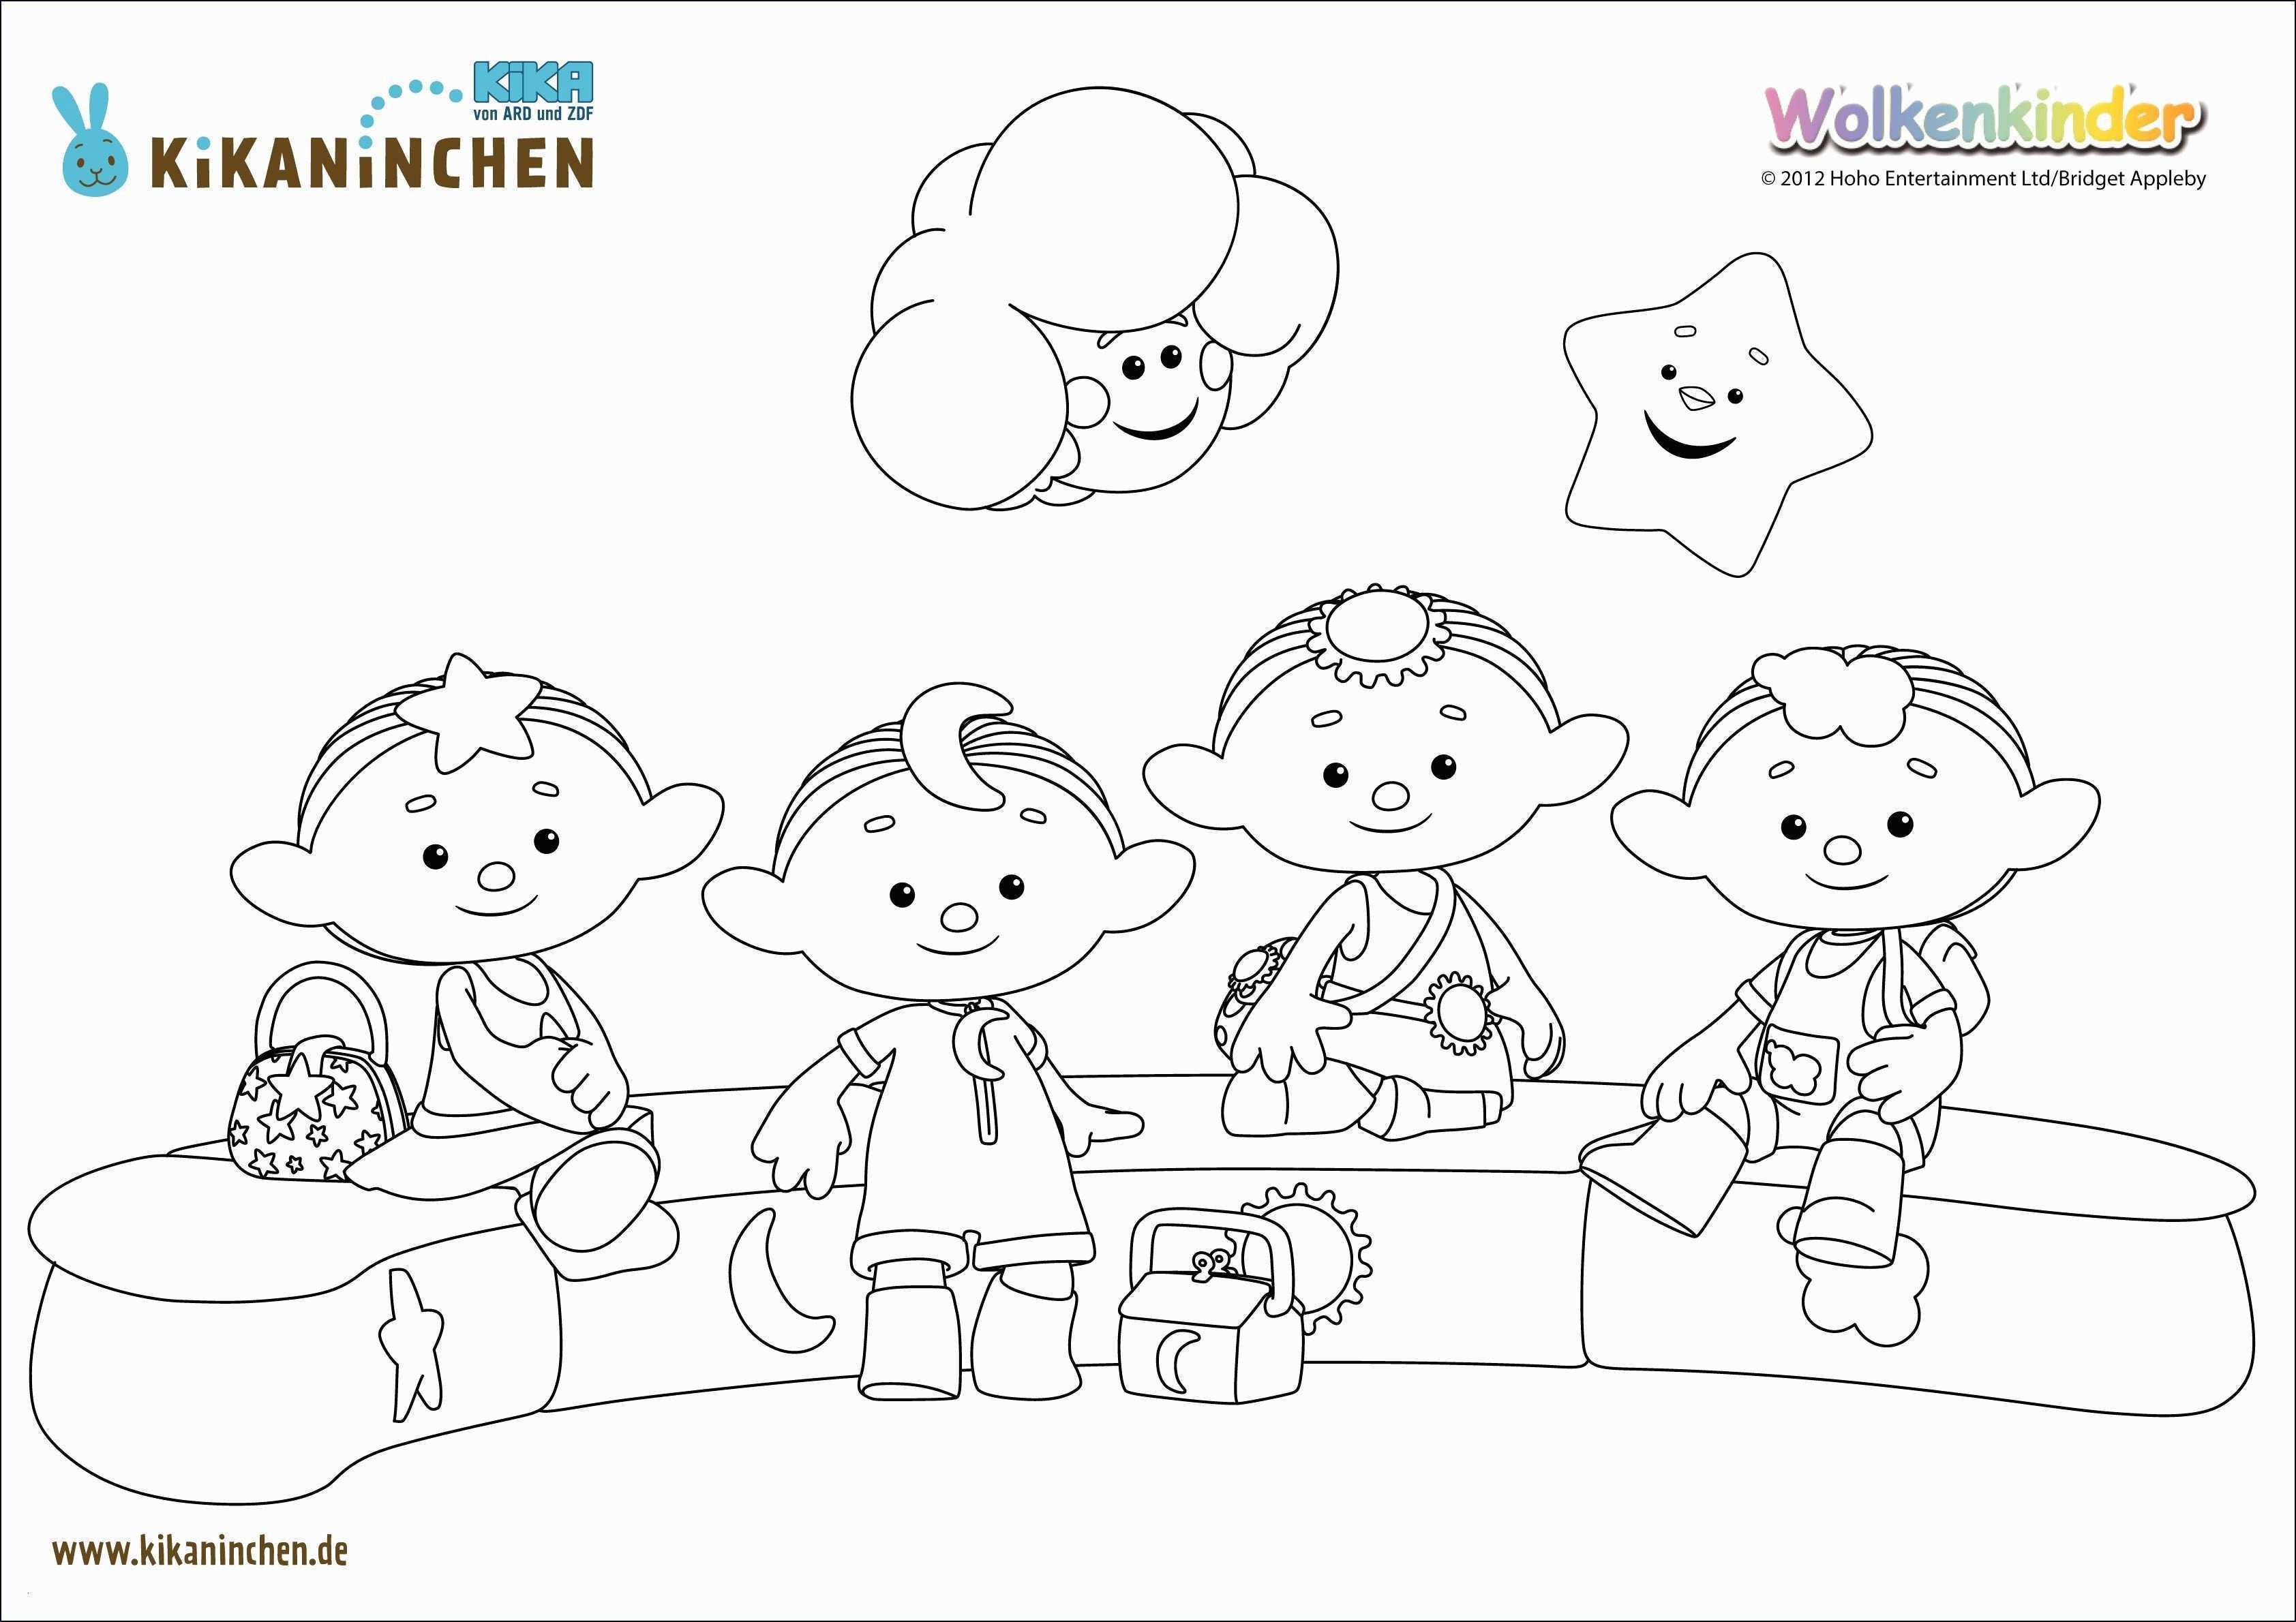 Winnie Pooh Baby Malvorlagen Einzigartig Winnie Pooh Baby Malvorlagen Bild – Ausmalbilder Ideen Sammlung